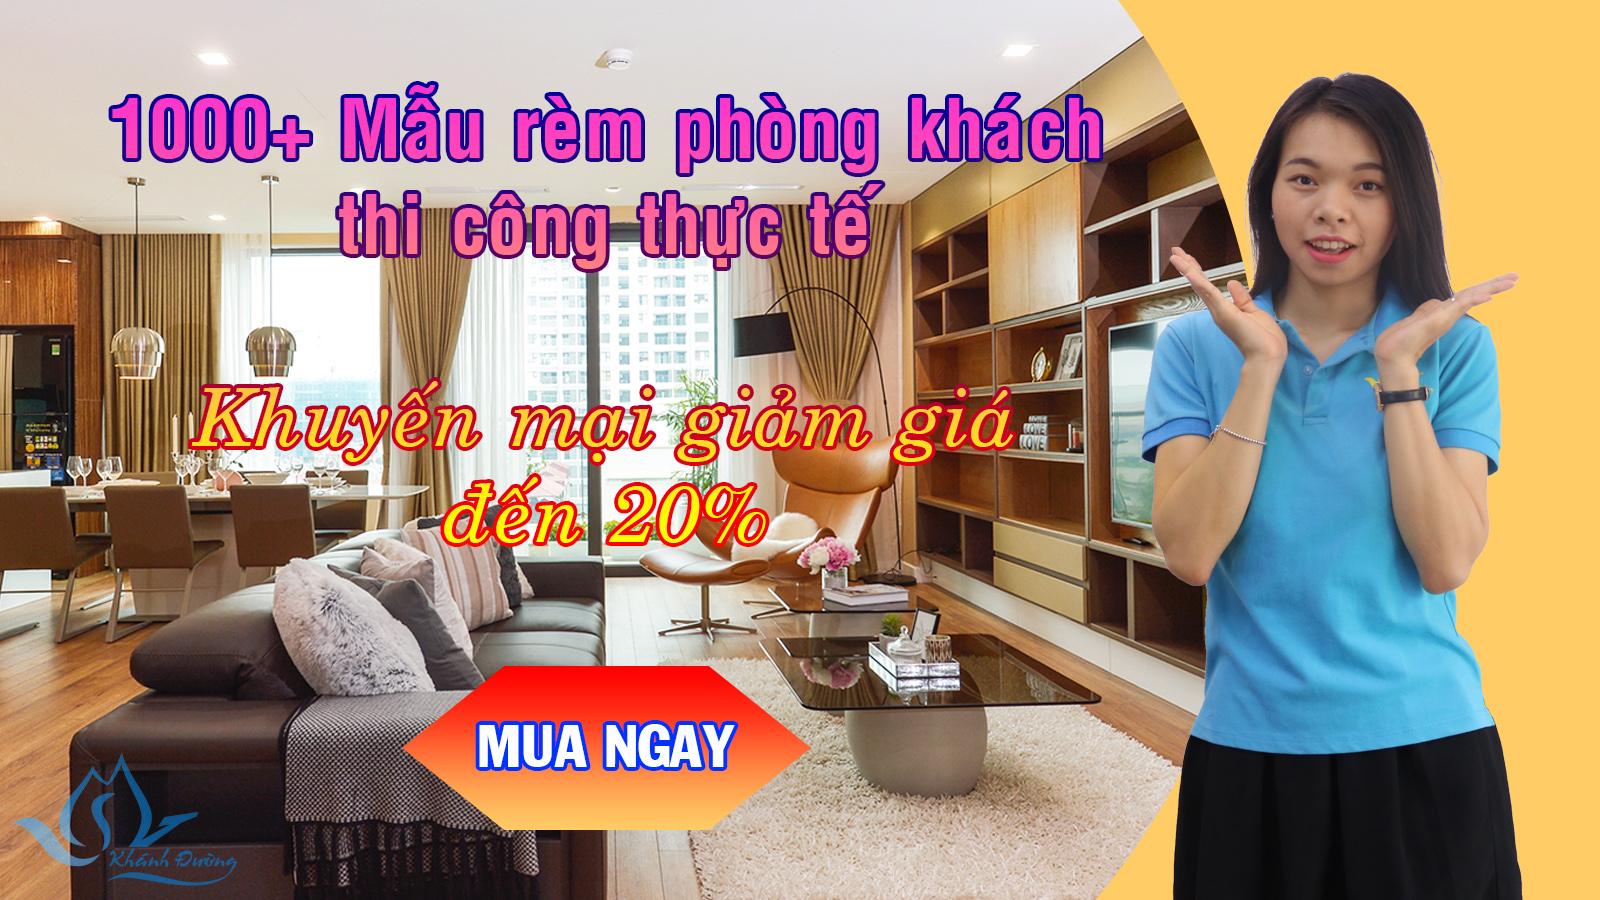 rèm phòng khách sang trọng nhất Hà Nội